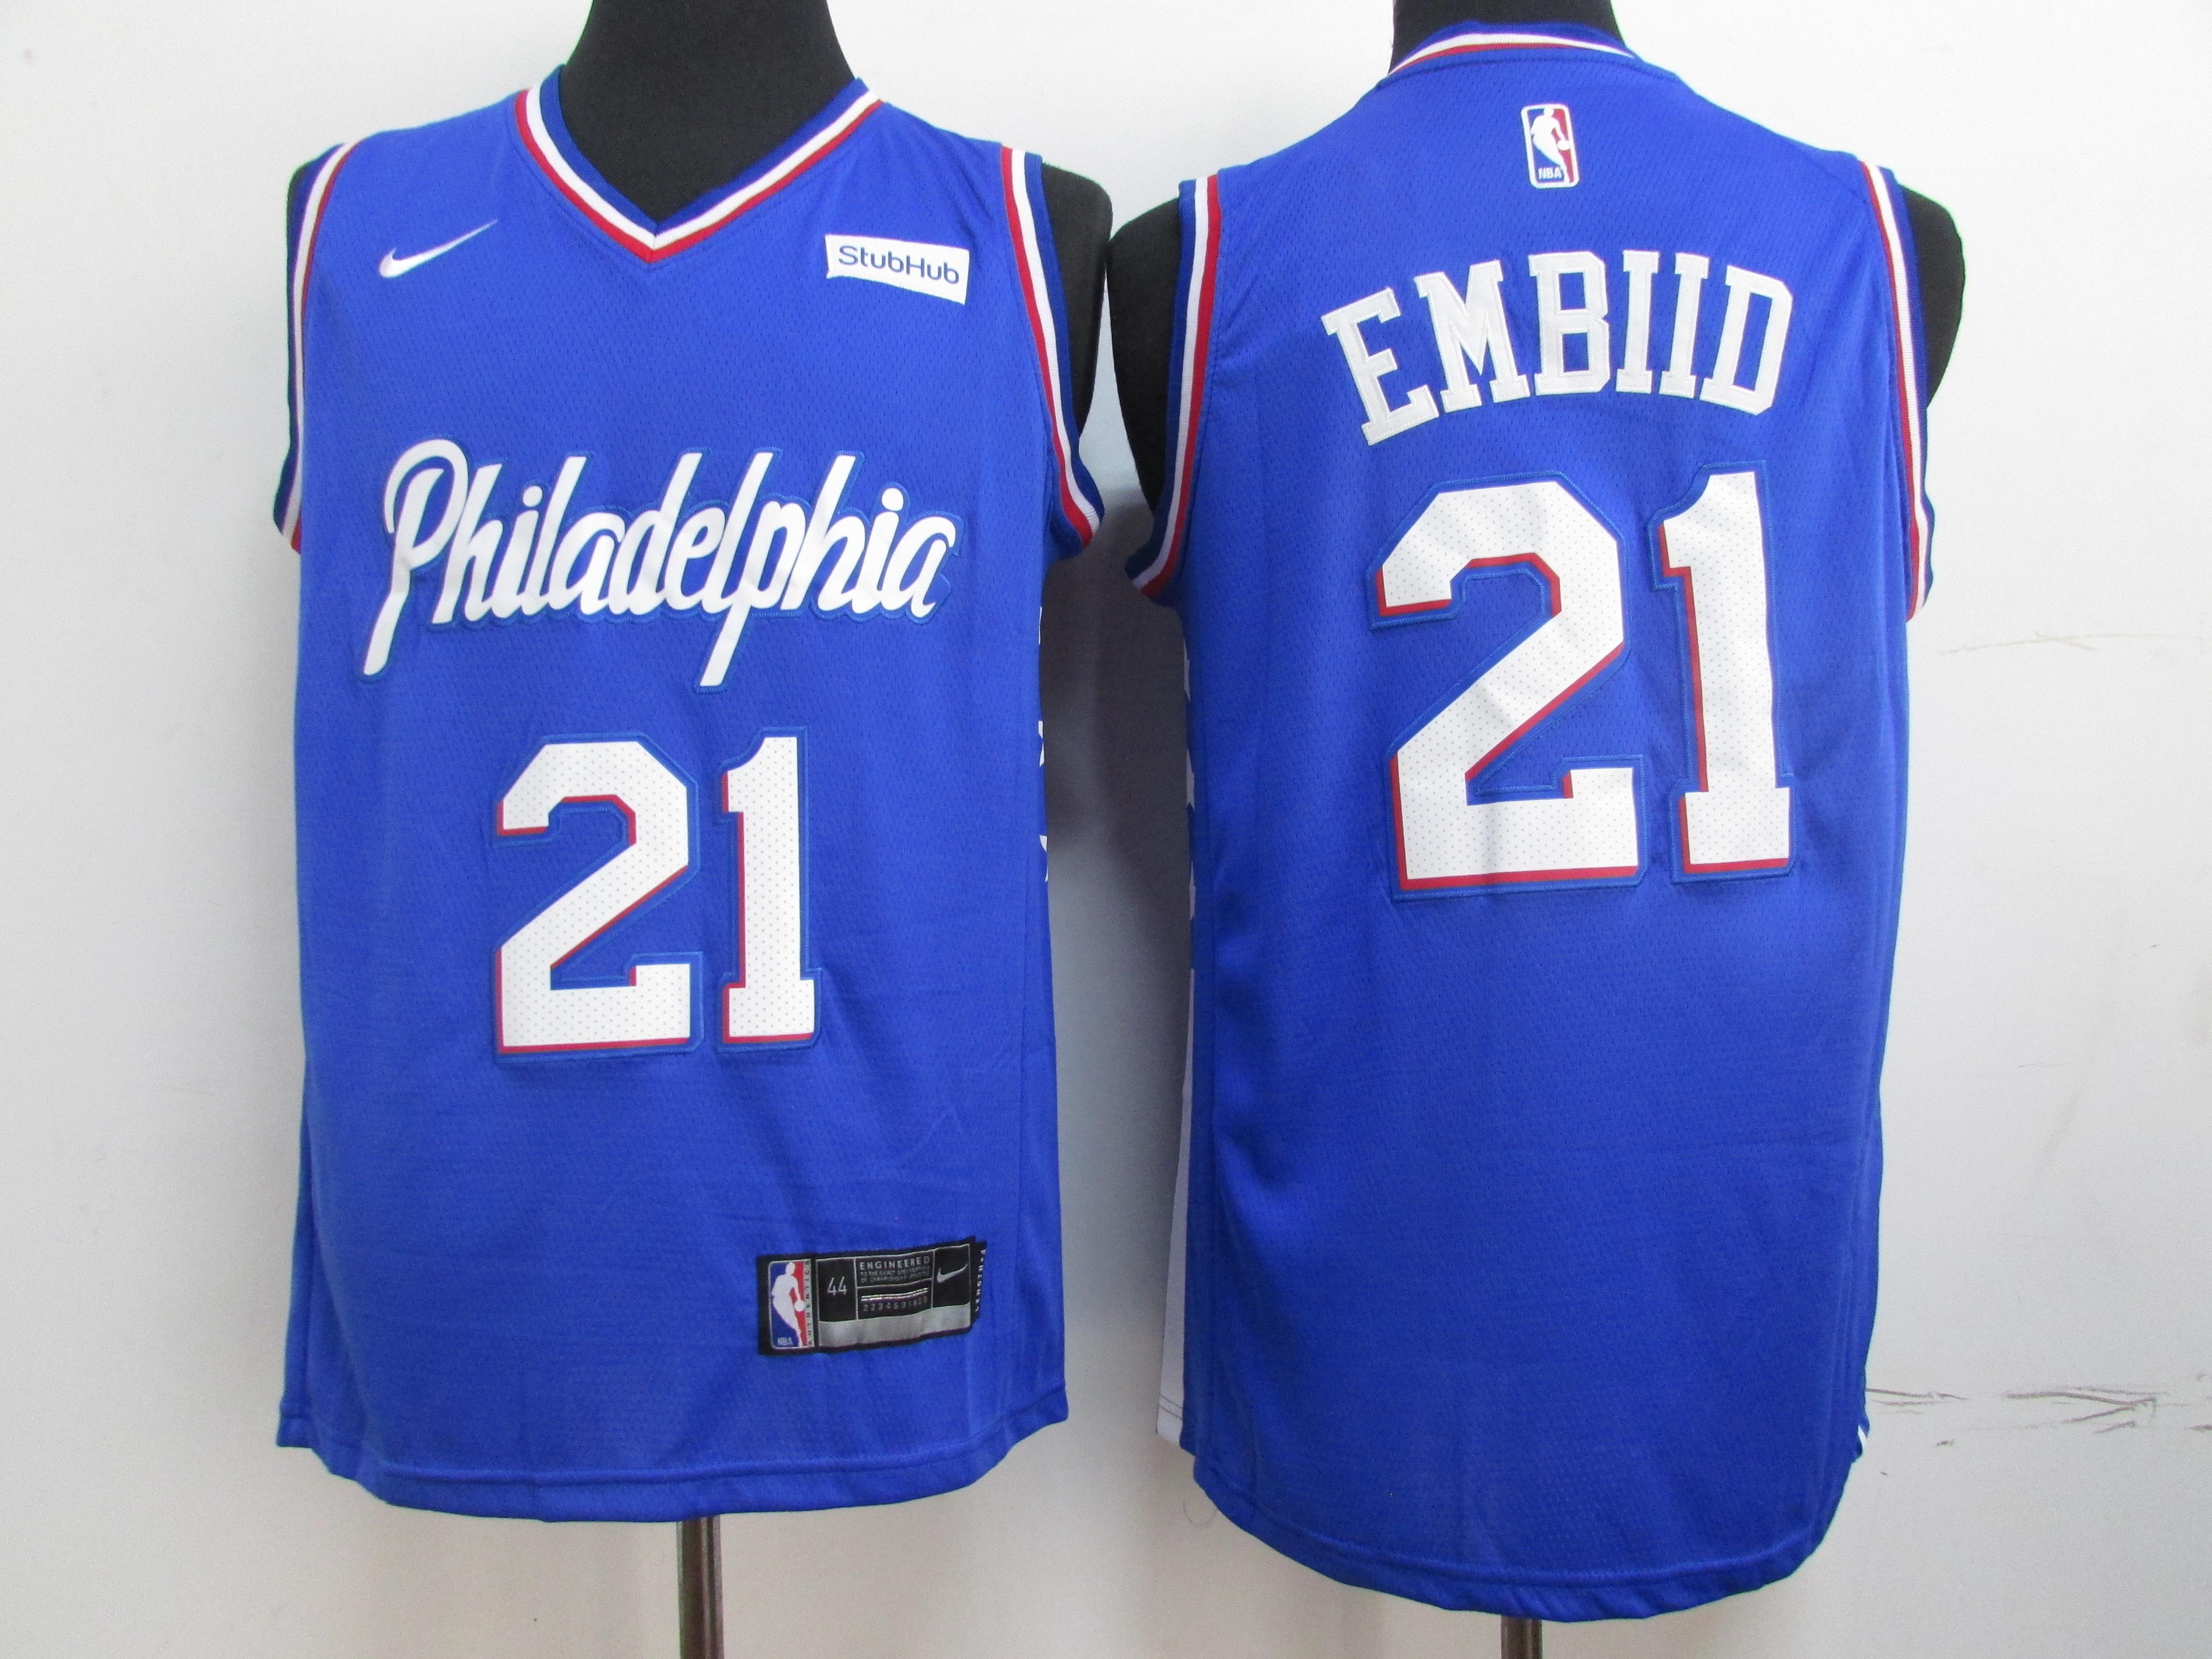 76ers 21 Joel Embiid Blue Nike Swingman Jersey